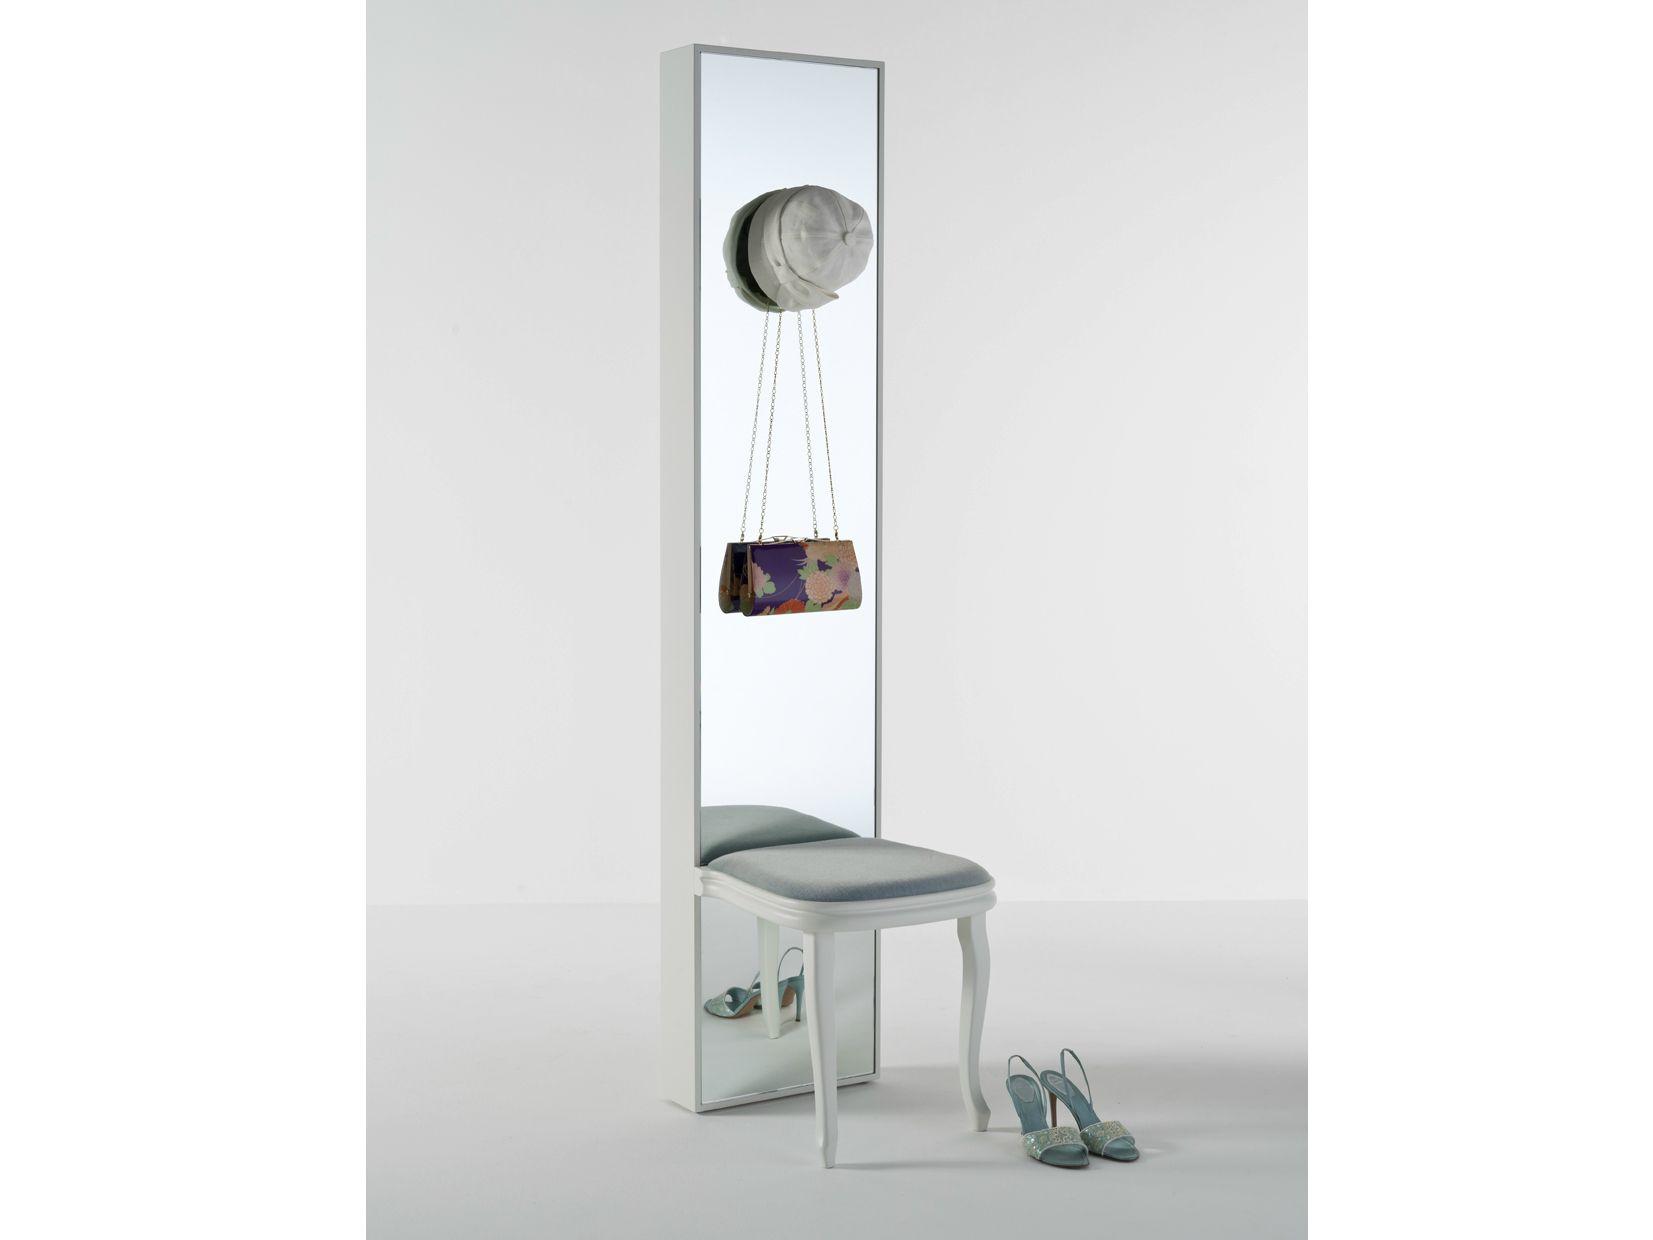 Secreto meuble d'entrée by colé italian design label design lorenz kaz